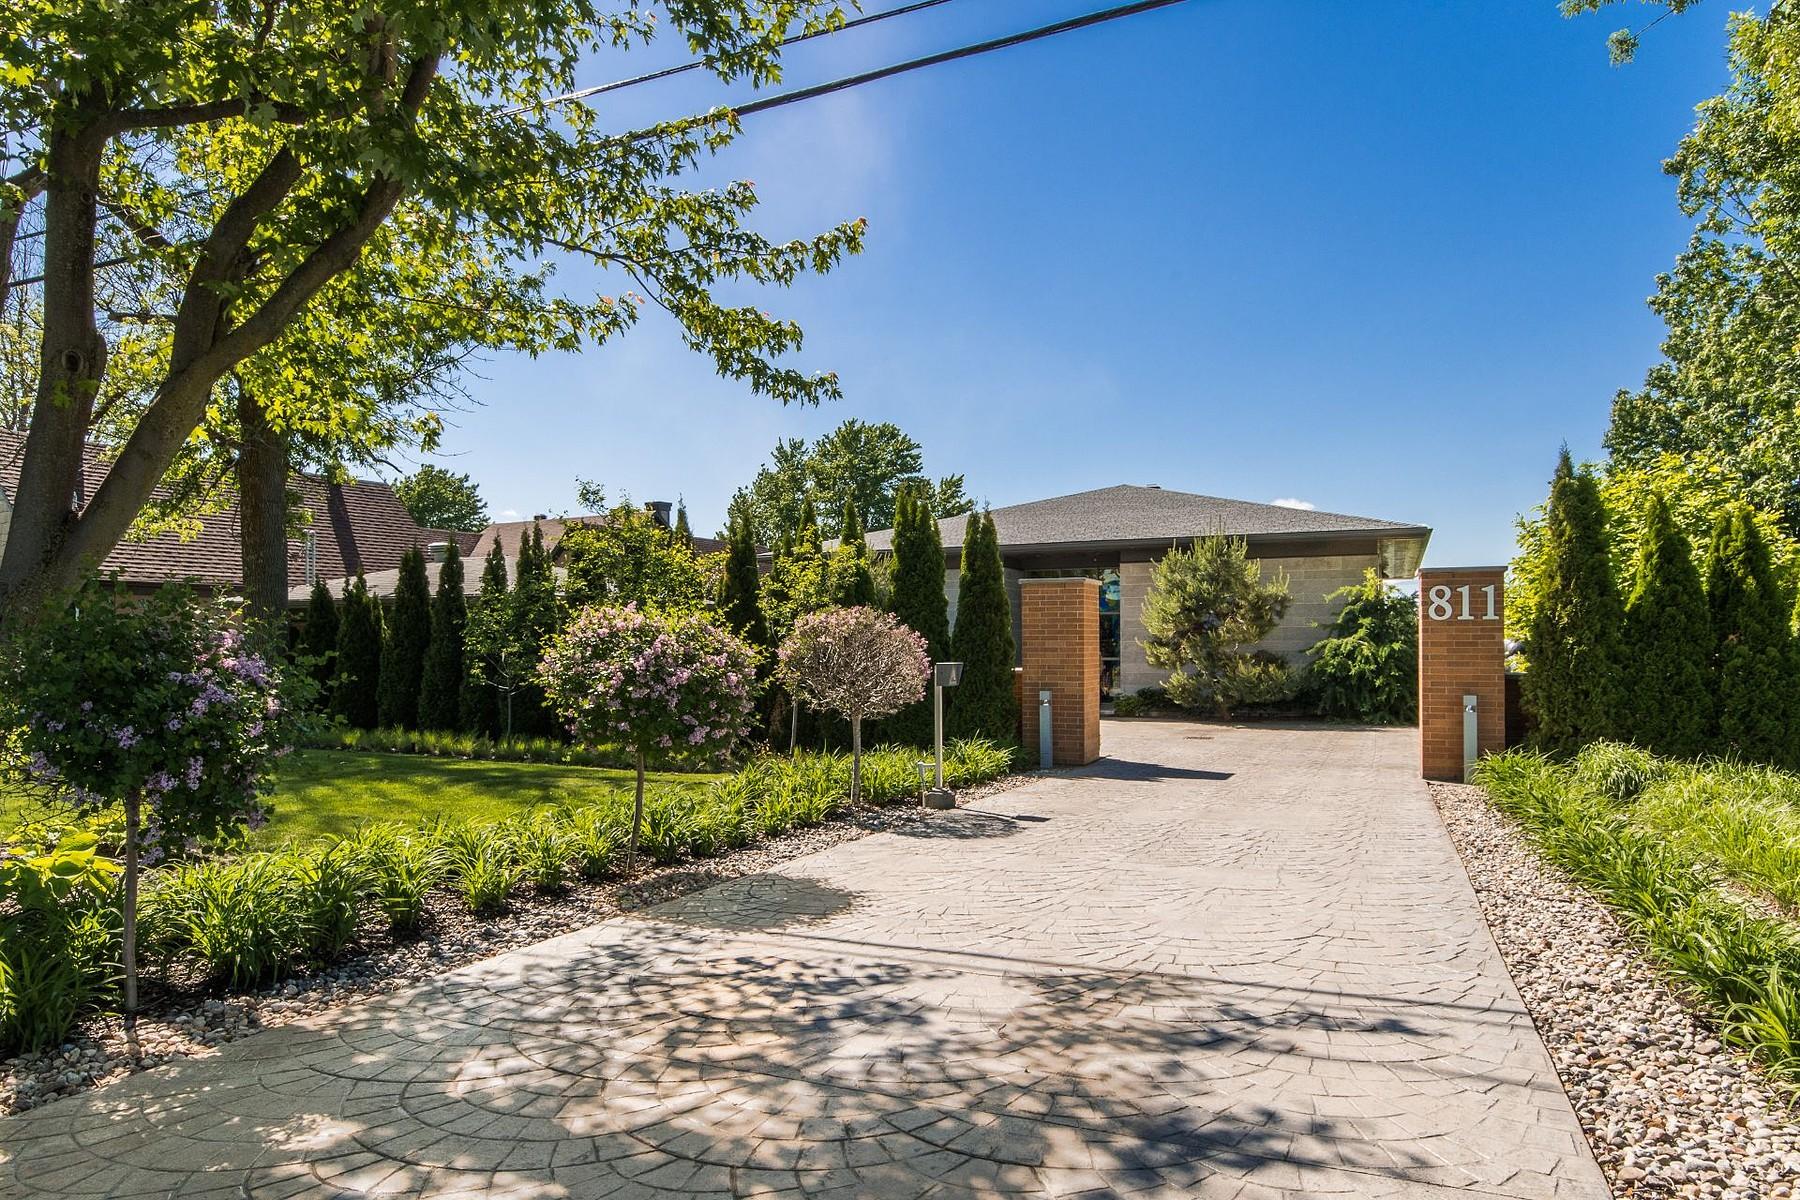 Single Family Homes for Sale at Saint-Denis-sur-Richelieu, Montérégie 811 Ch. des Patriotes Saint-Denis-Sur-Richelieu, Quebec J0H1K0 Canada